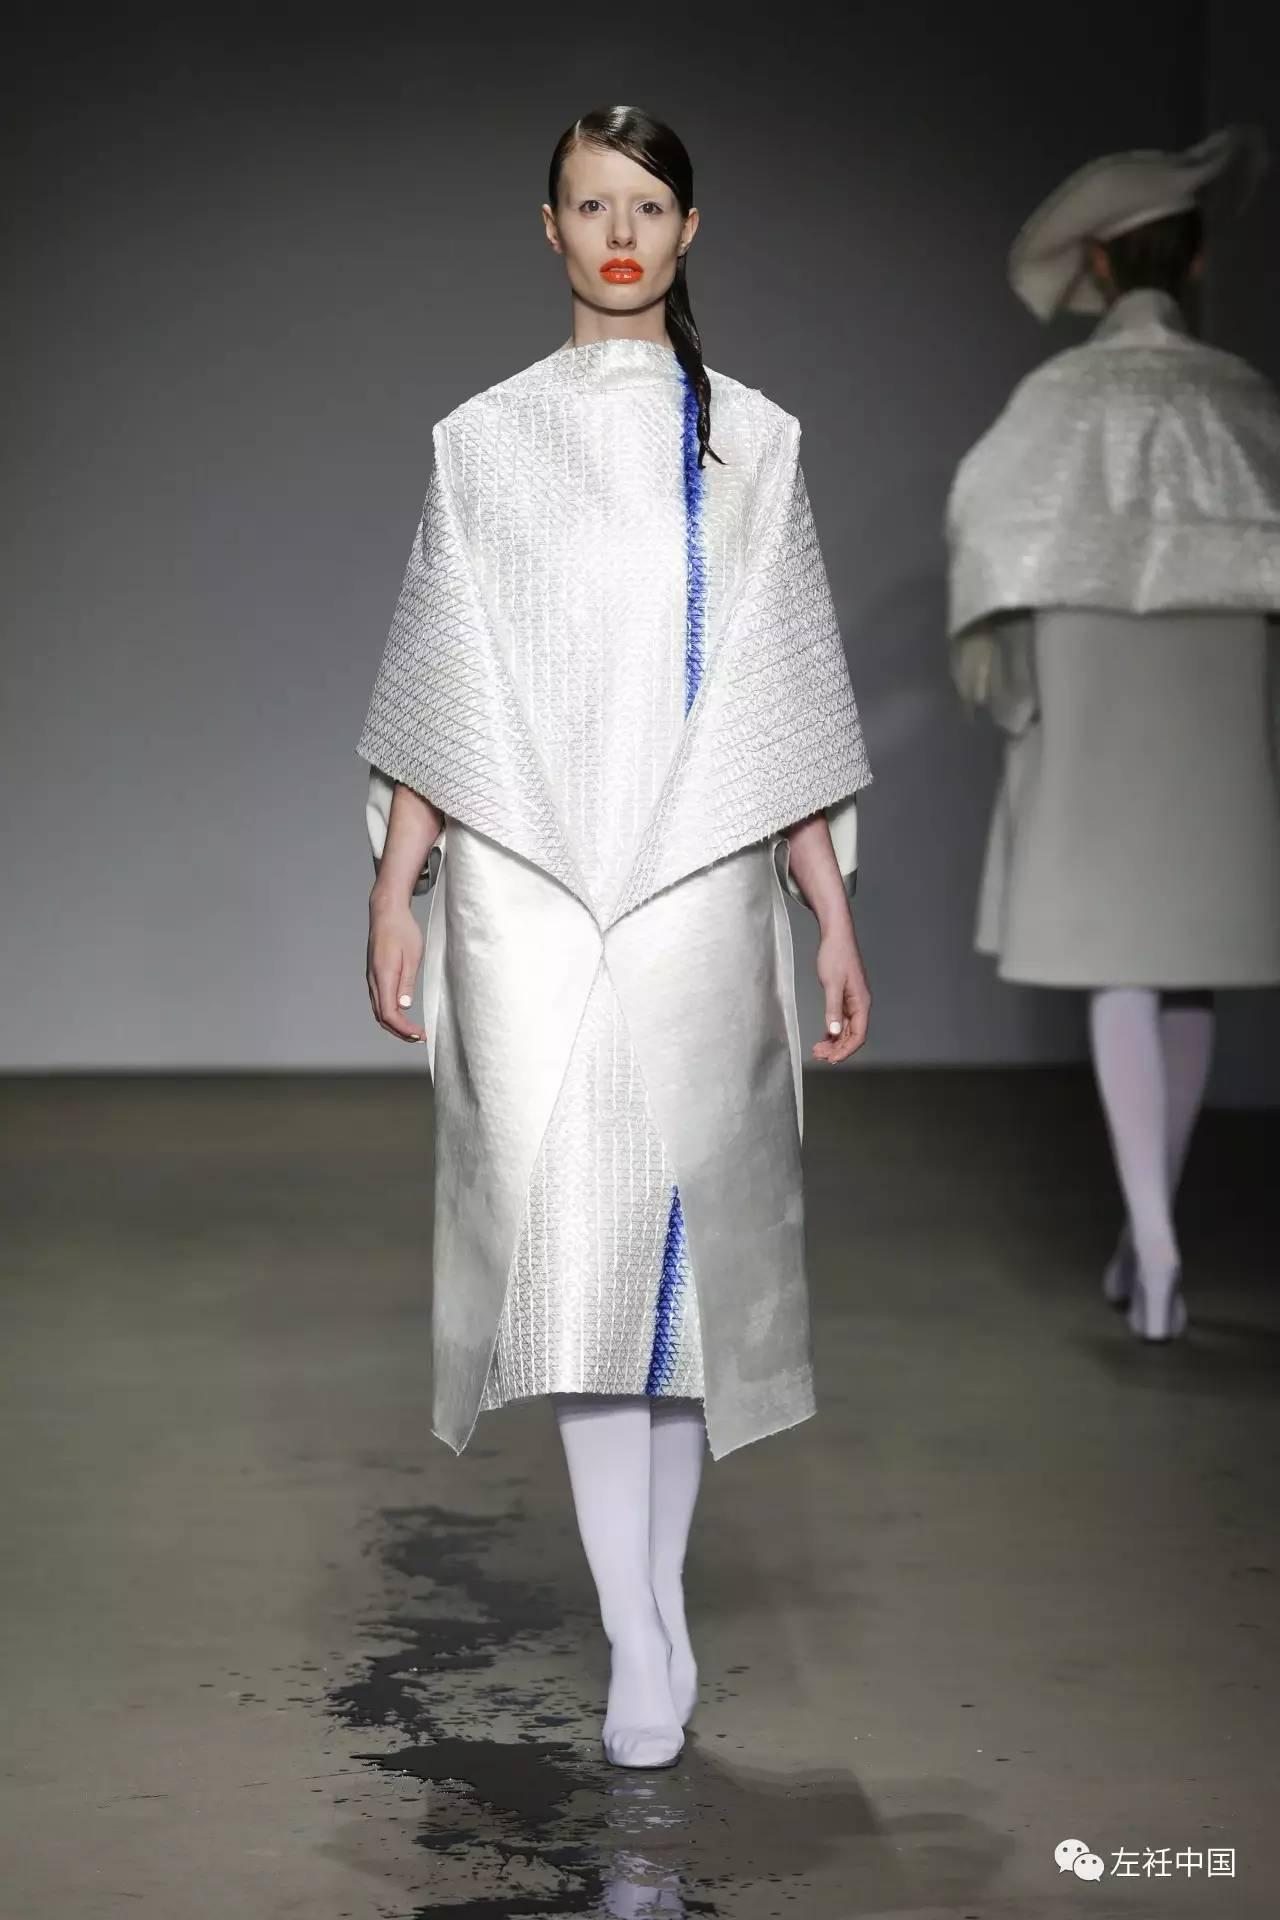 遇水即溶的未来时装震撼全场 ART 第84张